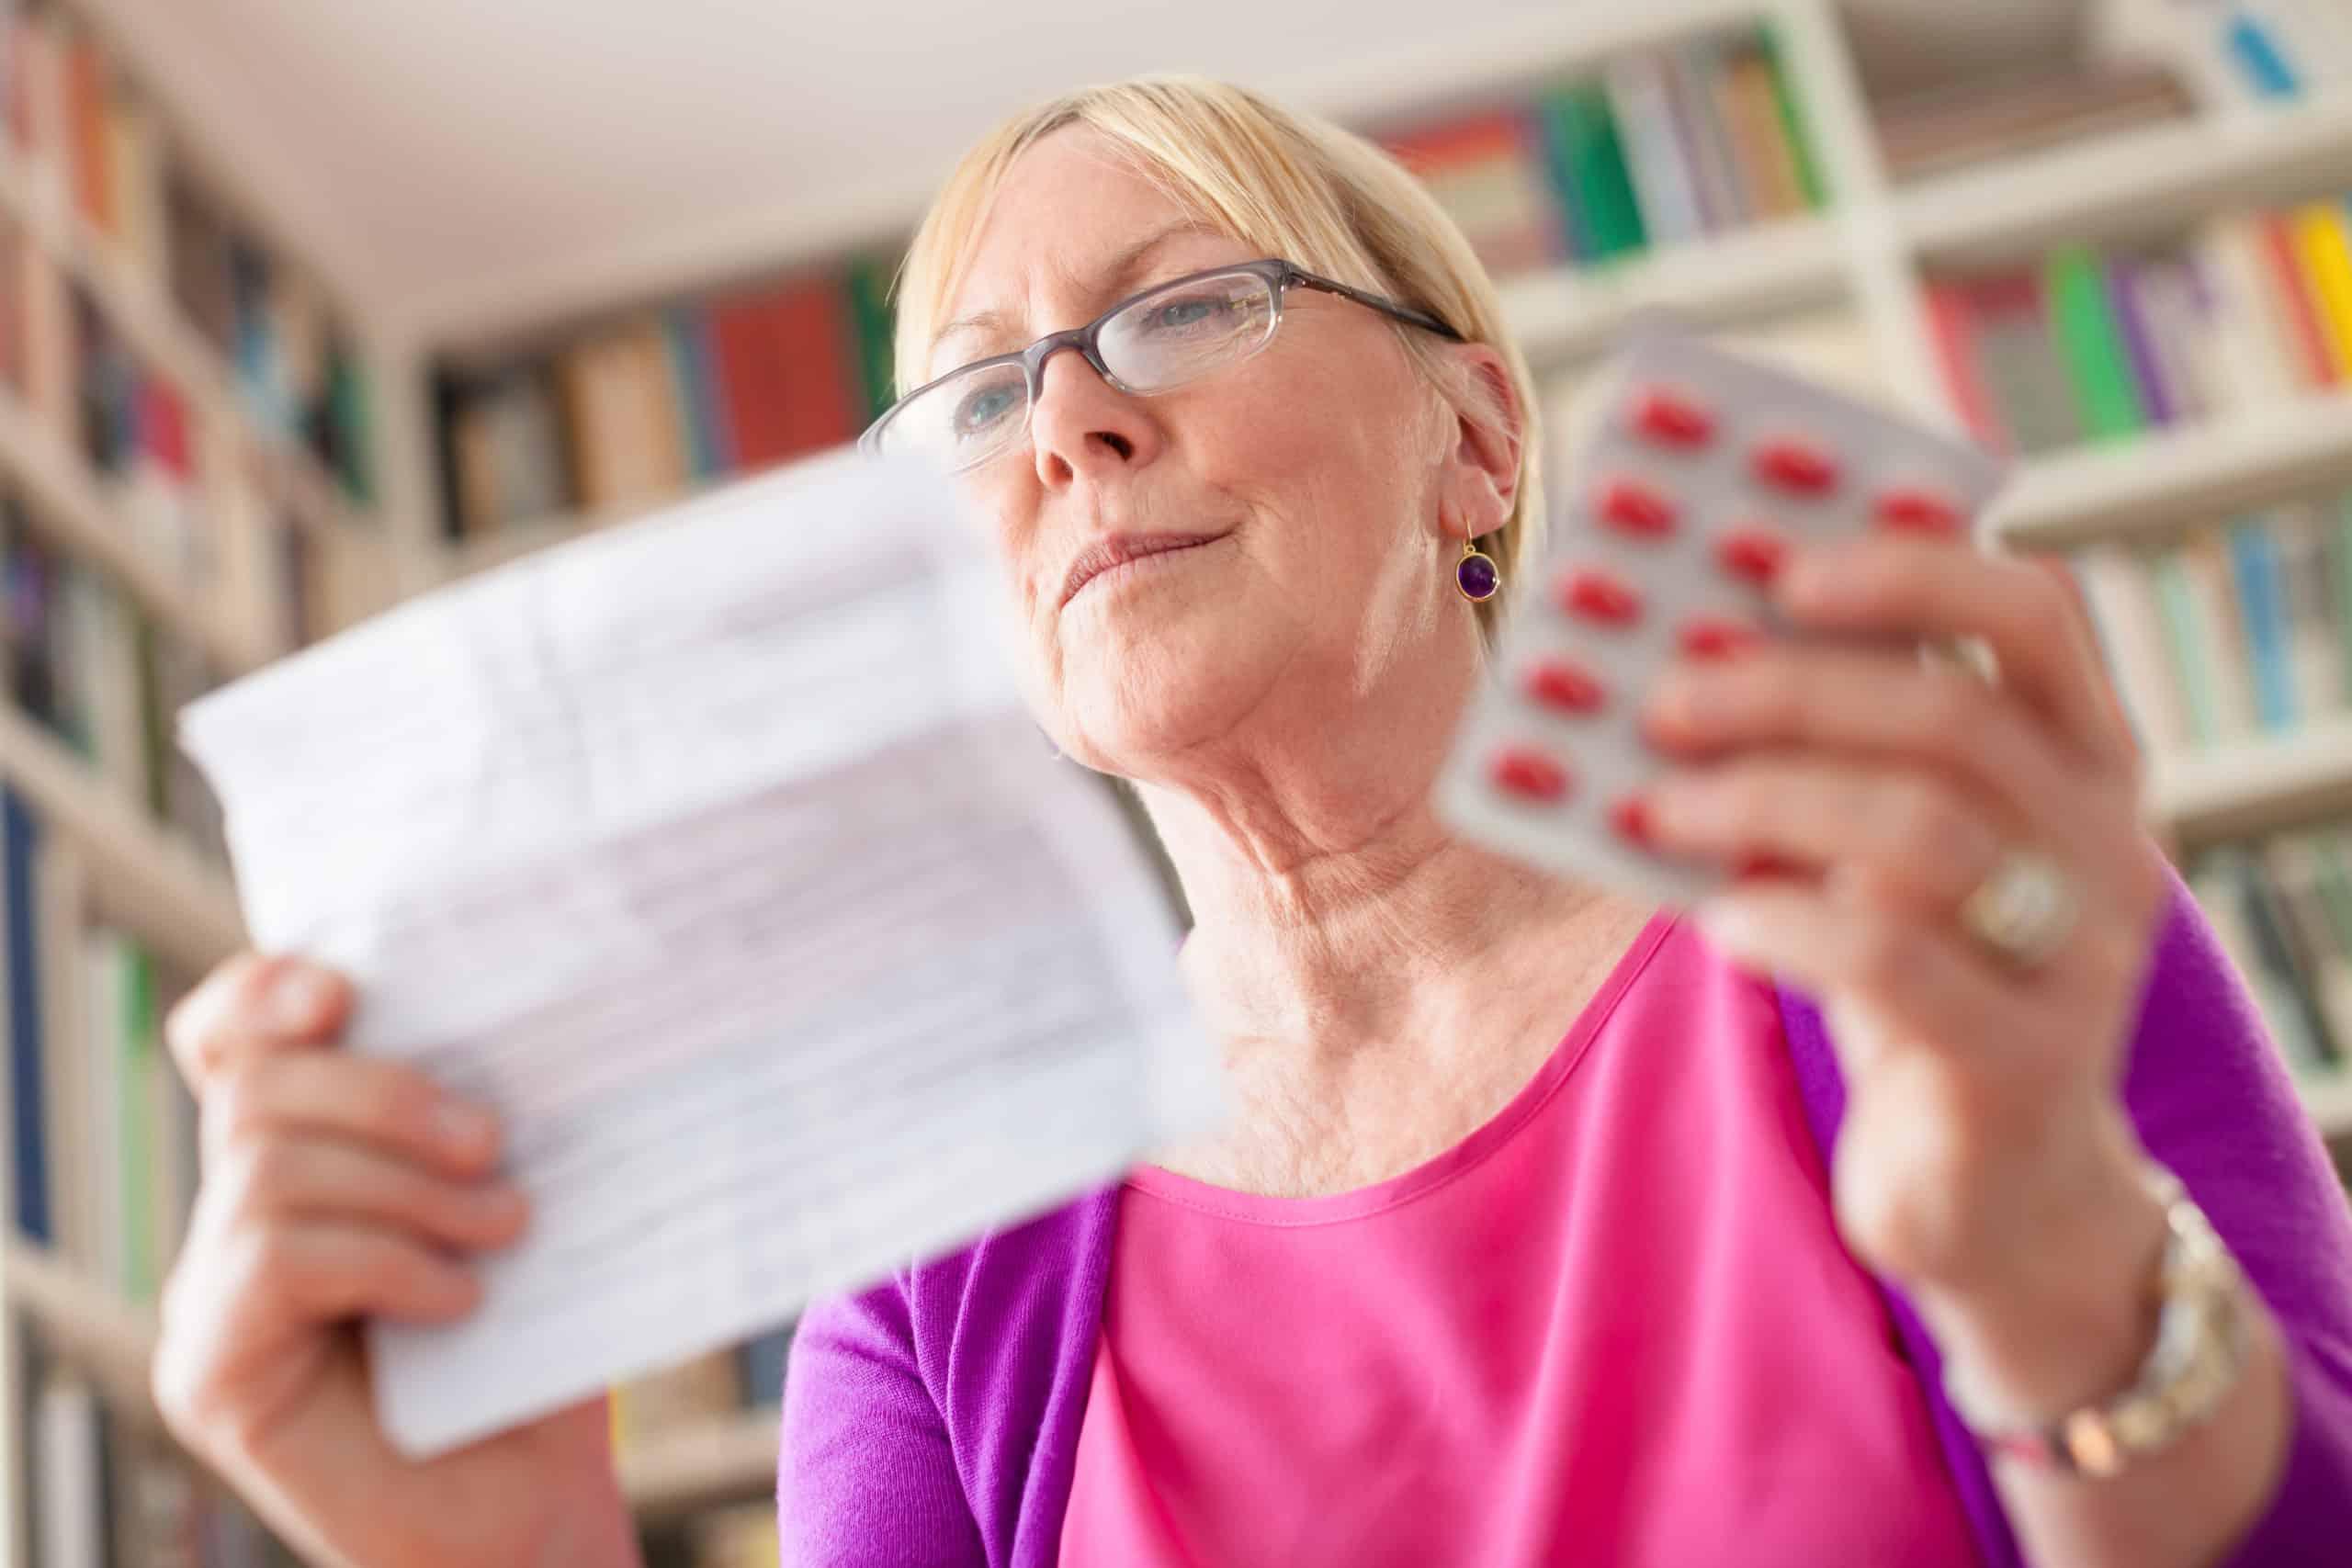 Bezpłatne leki dla seniorów – lista